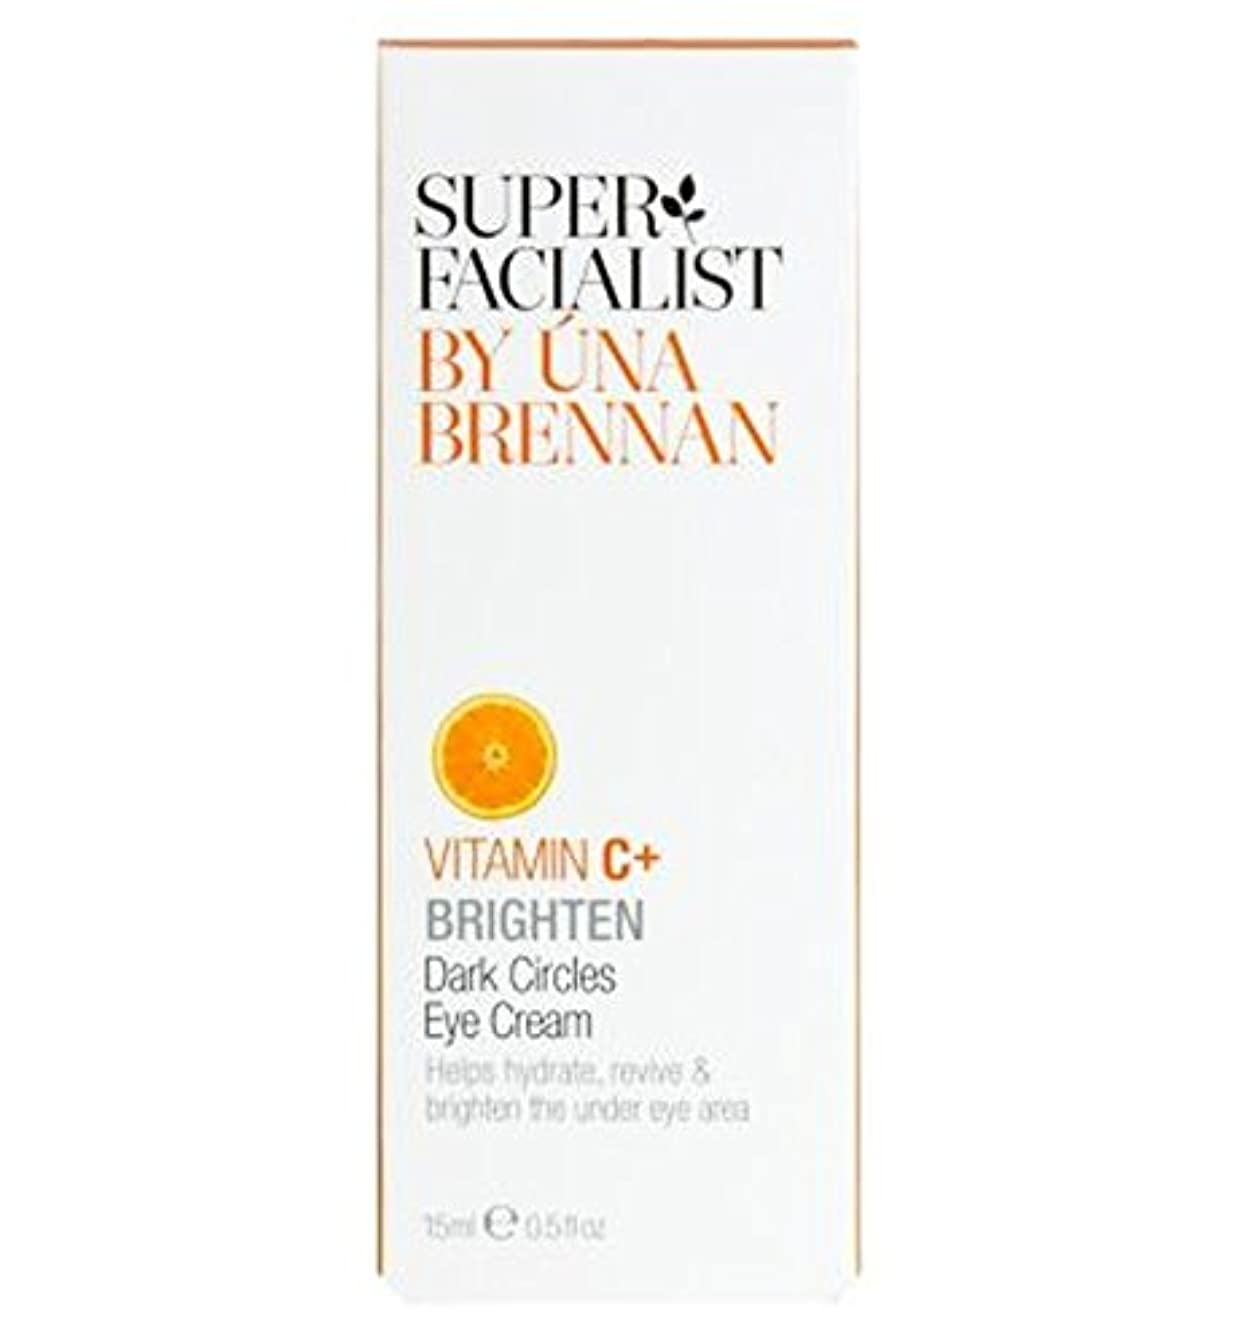 記念碑的な無一文昨日Superfacialist Vitamin C+ Dark Circles Eye Cream 15ml - SuperfacialistビタミンC +くまアイクリーム15ミリリットル (Superfacialist)...